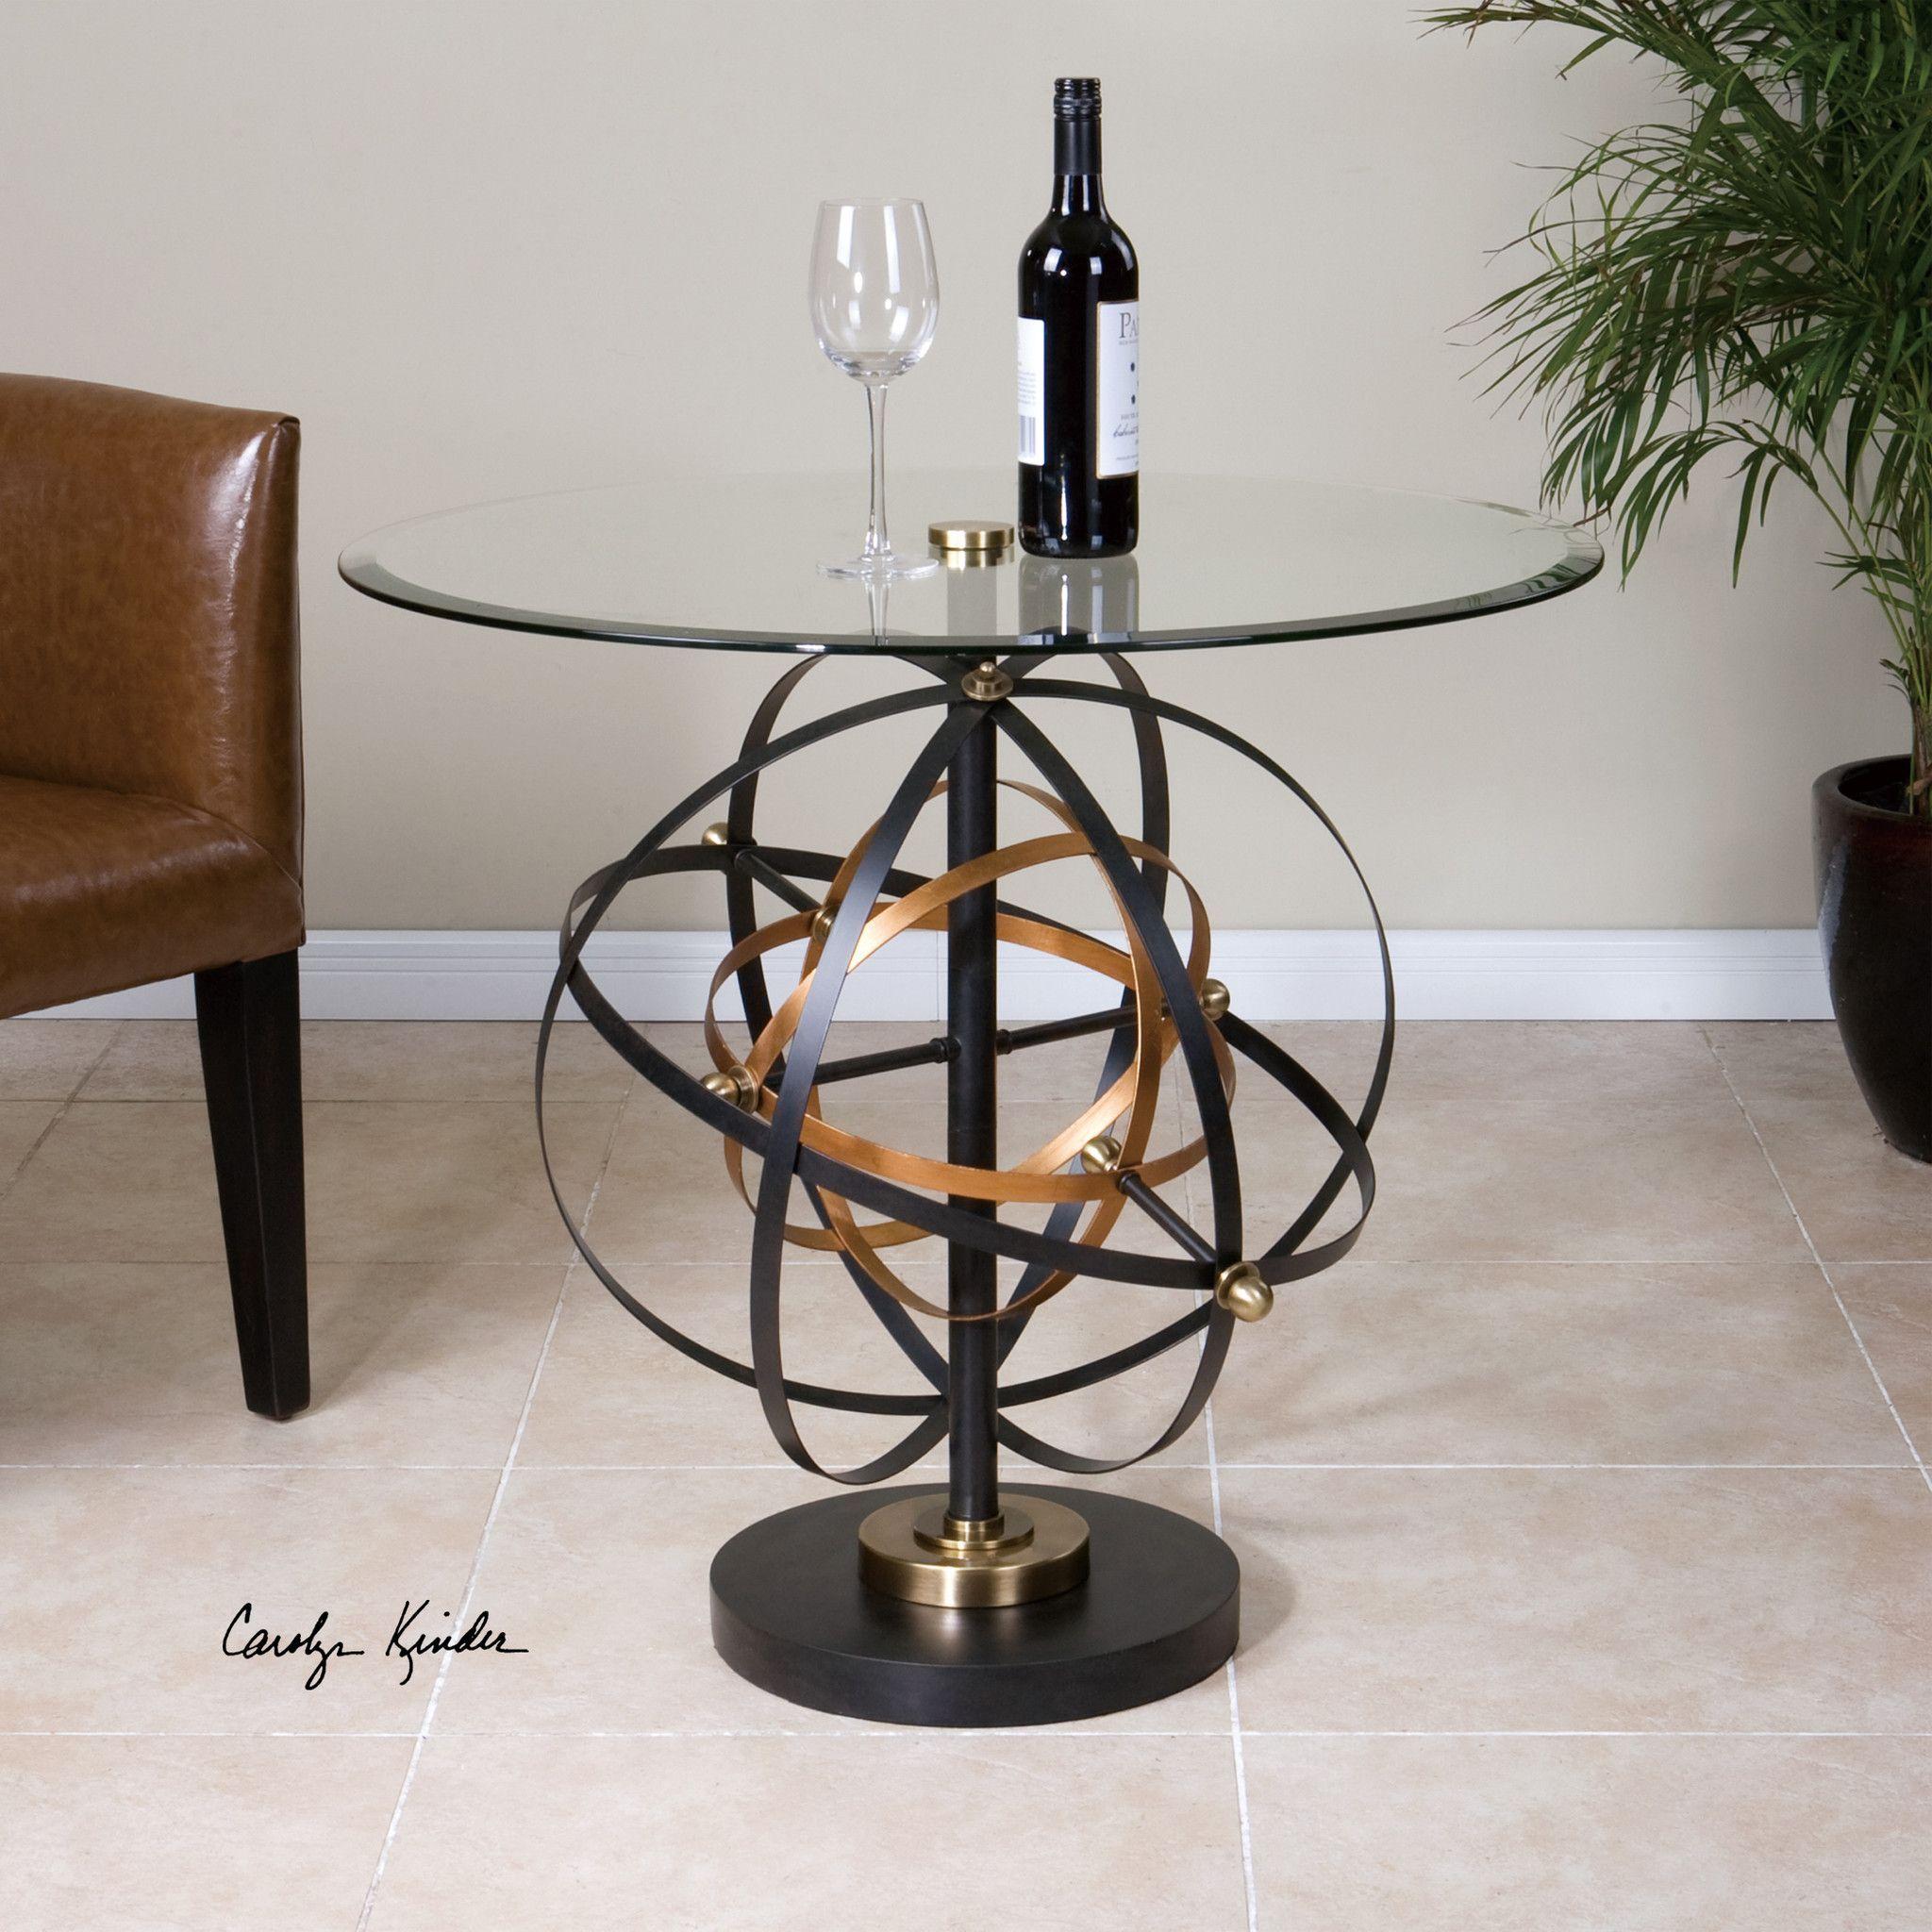 Uttermost Colman Sphere Accent Table | MOTION | Pinterest